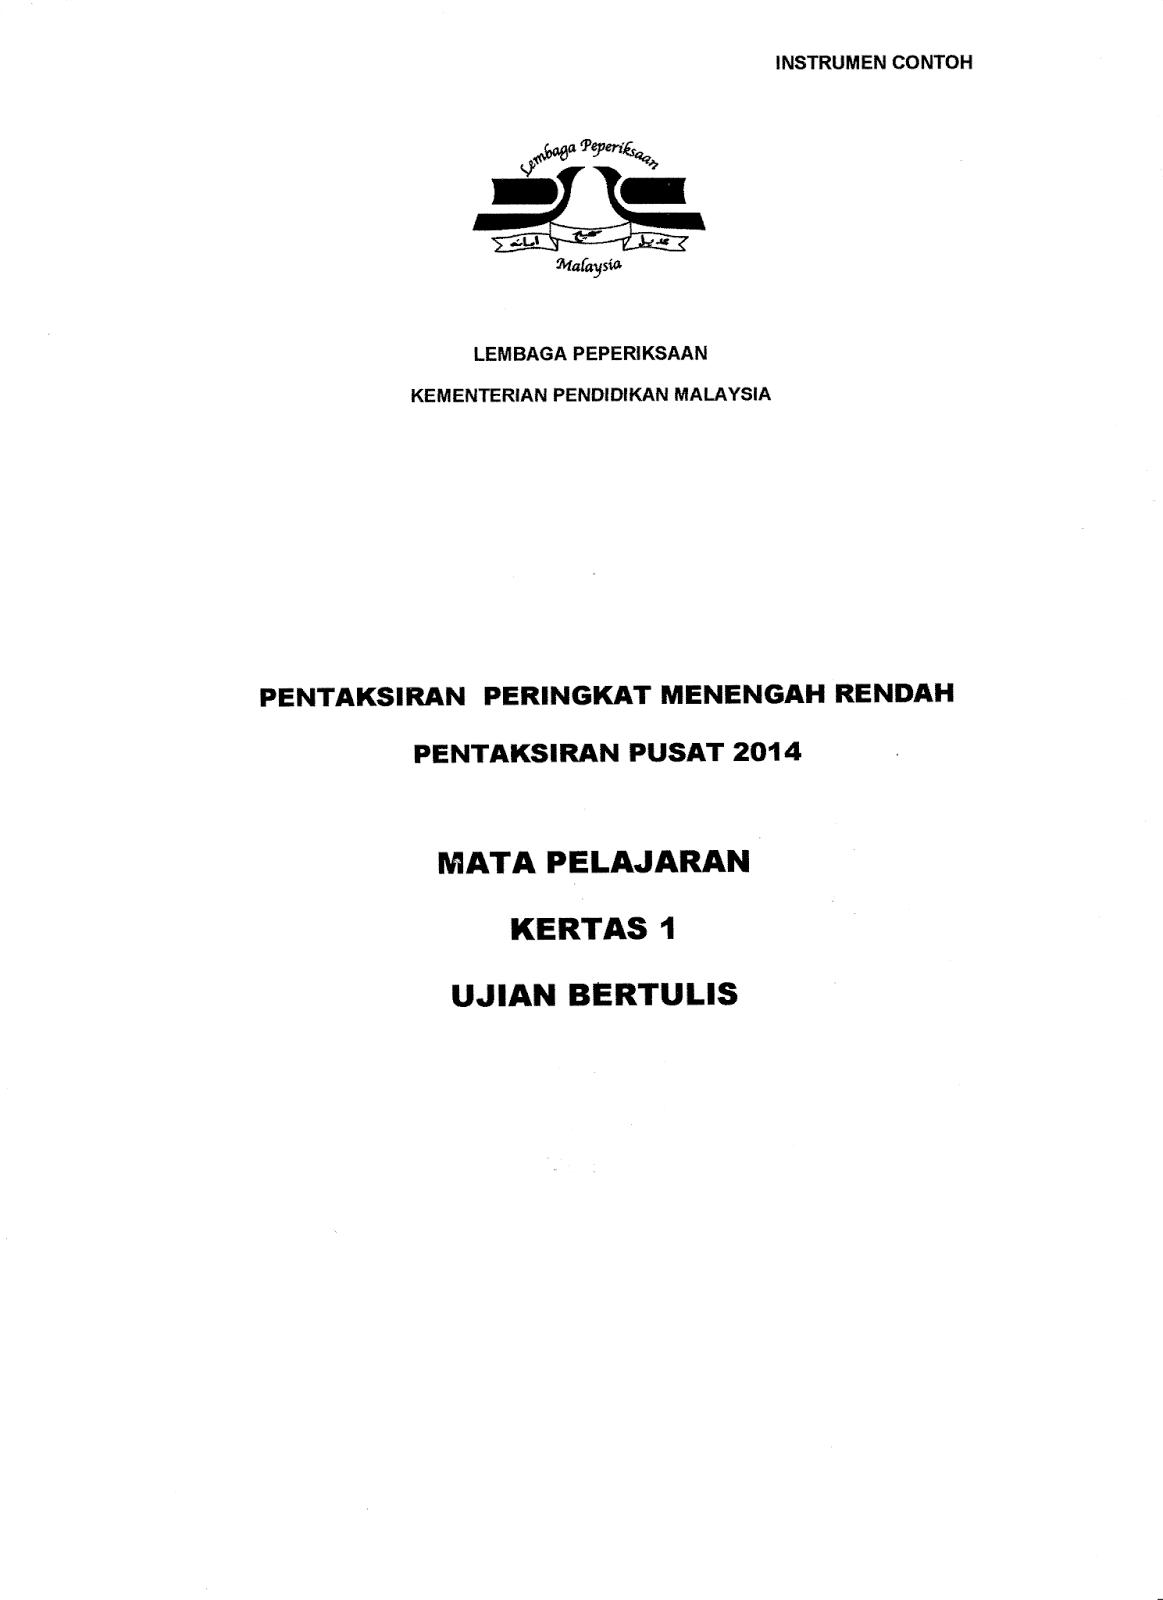 Format Pt3 Bagi Subjek Bahasa Ujian Bertulis Cikguhailmi | New Style ...